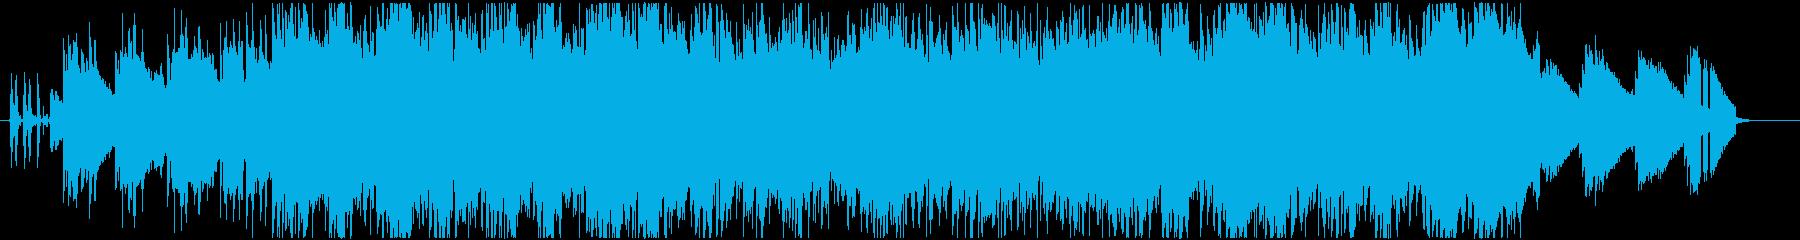 切ないピアノのリフレインとコーラスの再生済みの波形